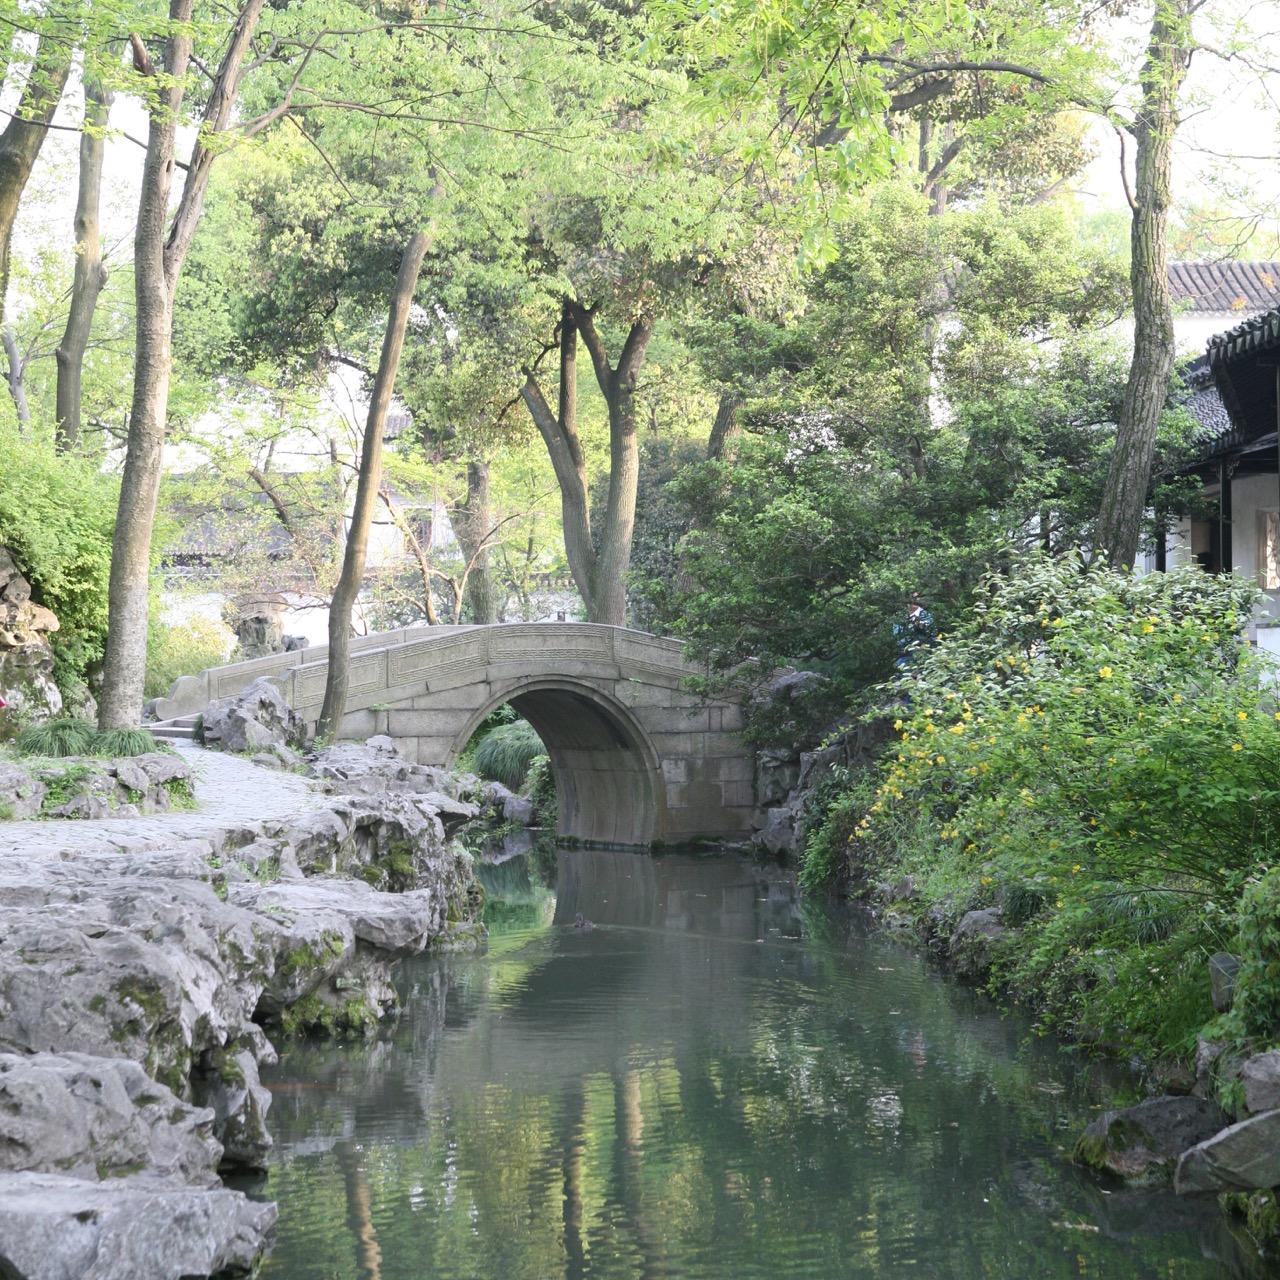 thegoodgarden|Suzhou|humbleadministratorsgarden|5370.jpg